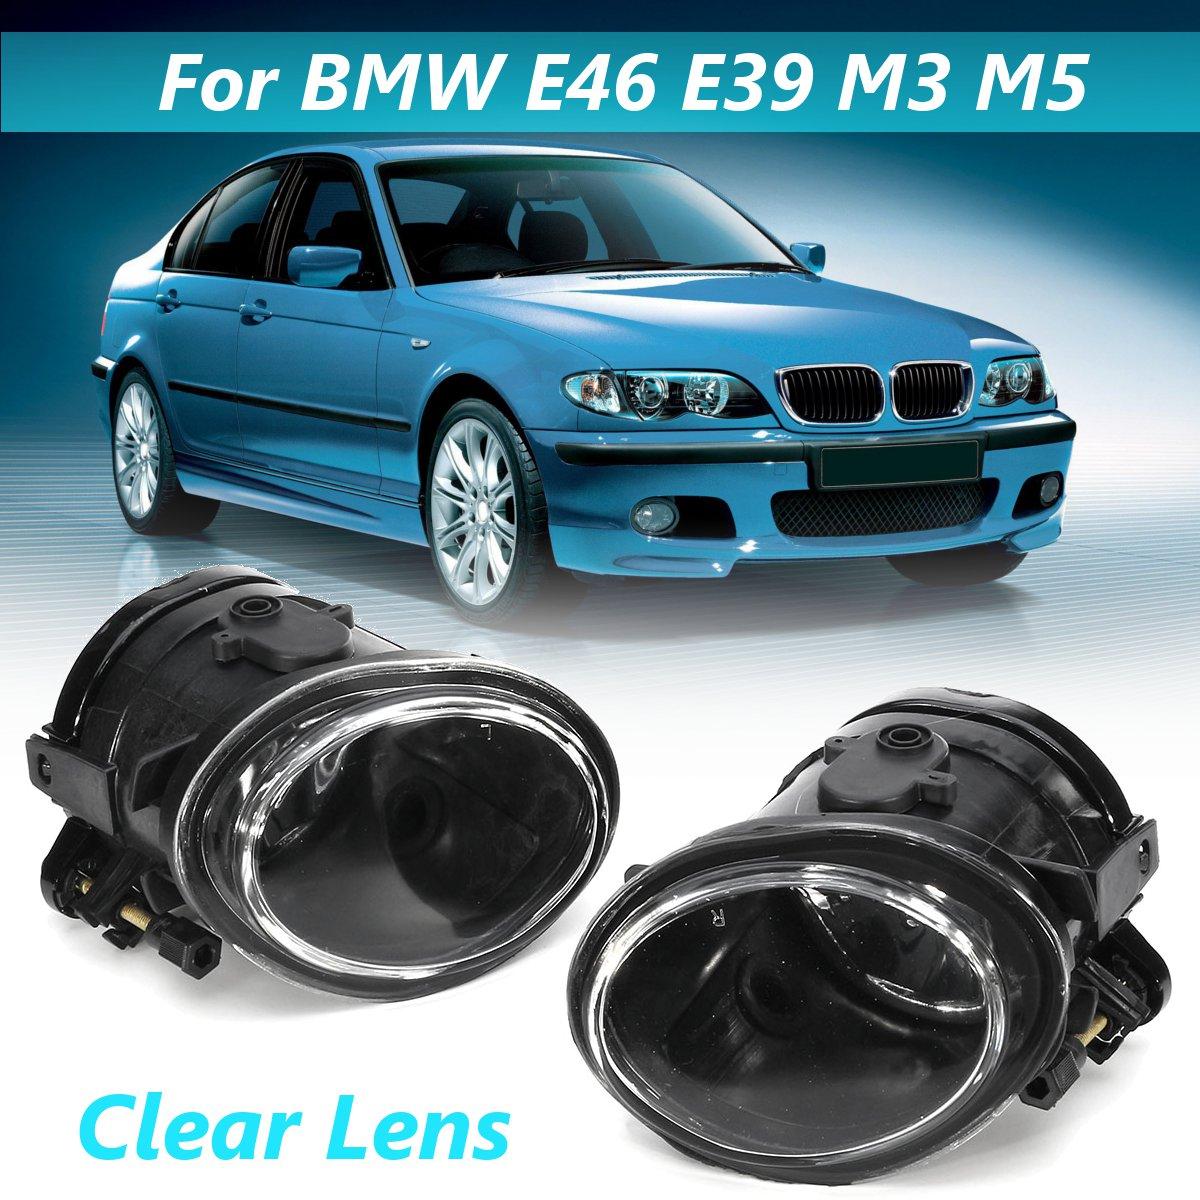 Pour BMW E46 E39 3 série 5 série 1998-2004 paire 12 V avant gauche droite antibrouillard avec couvercle anti-brouillard clair 51112695256